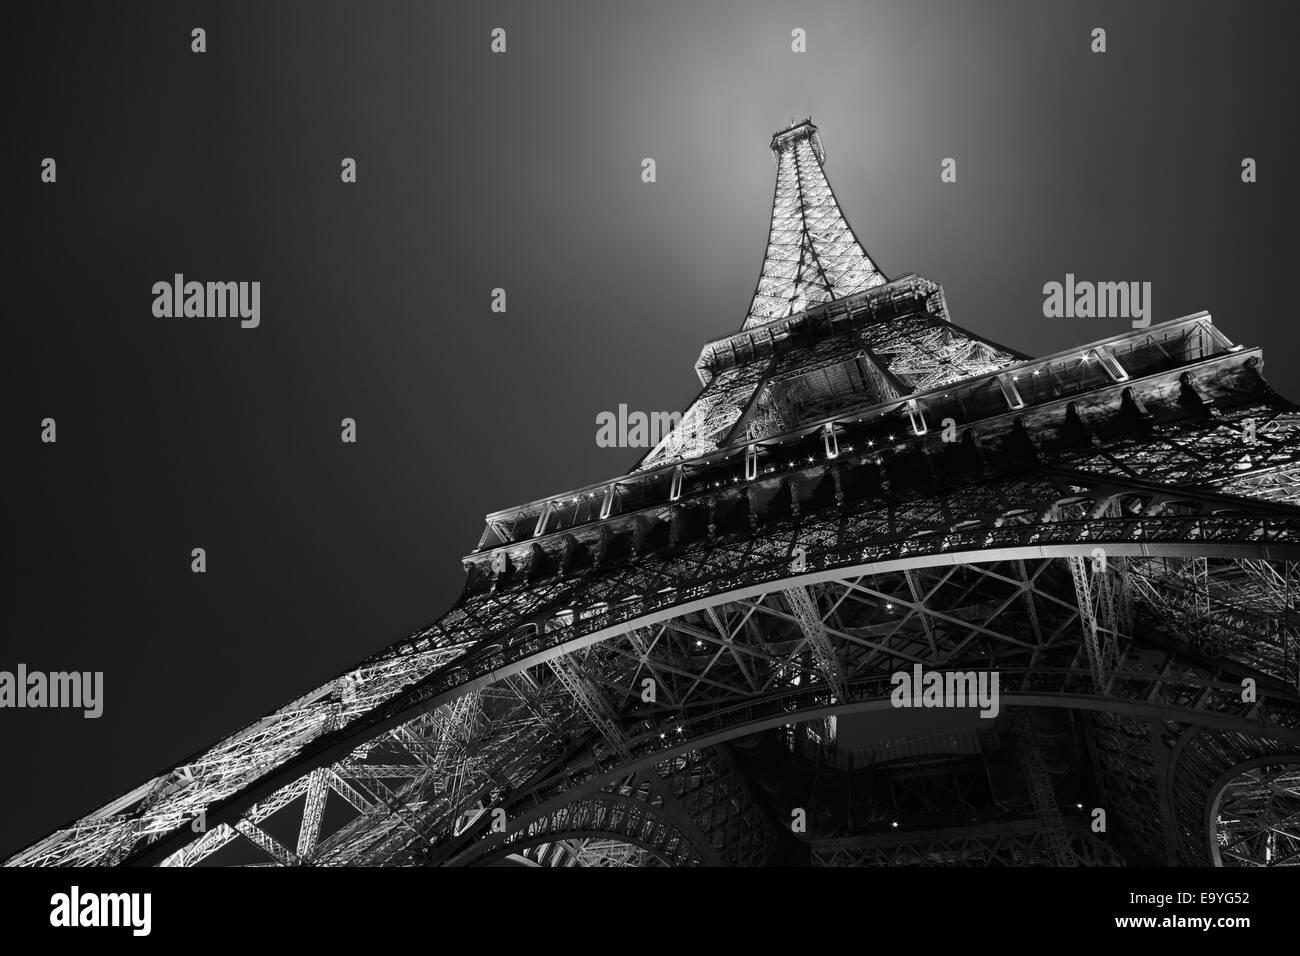 Tour Eiffel à Paris de nuit, noir et blanc, low angle view Photo Stock